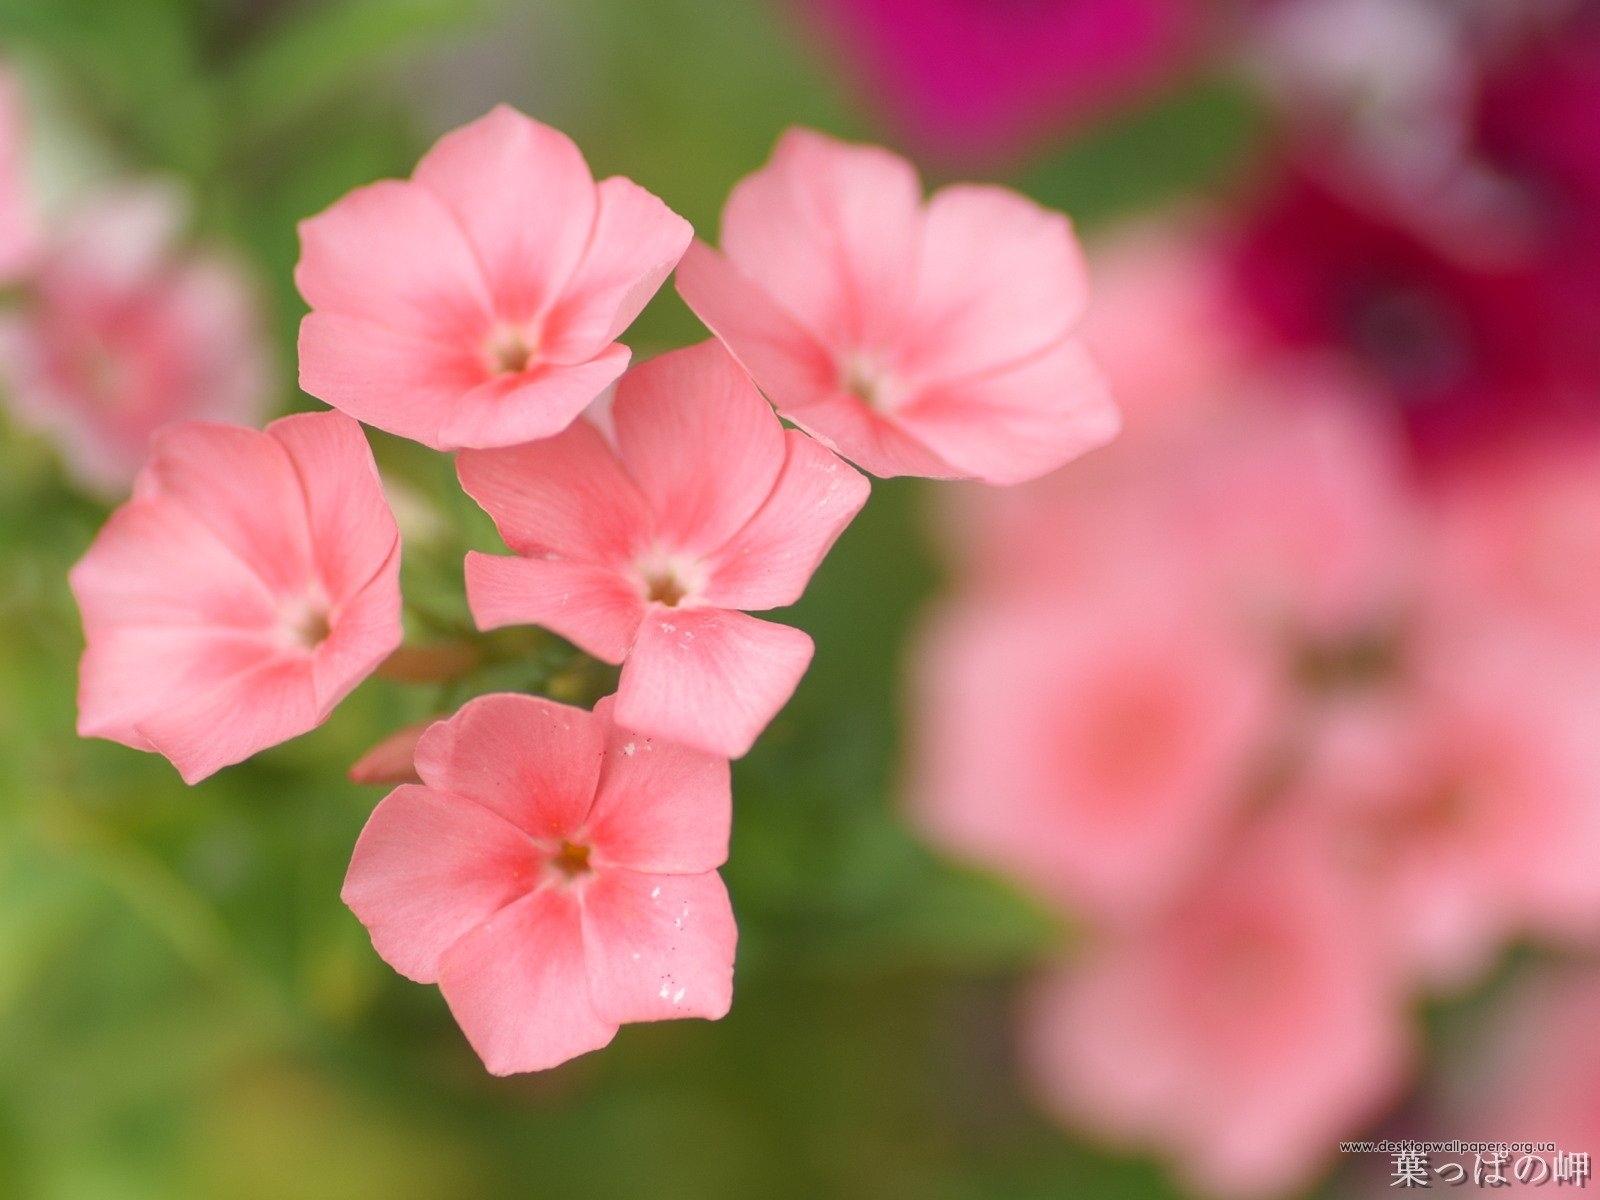 6679 скачать обои Растения, Цветы - заставки и картинки бесплатно